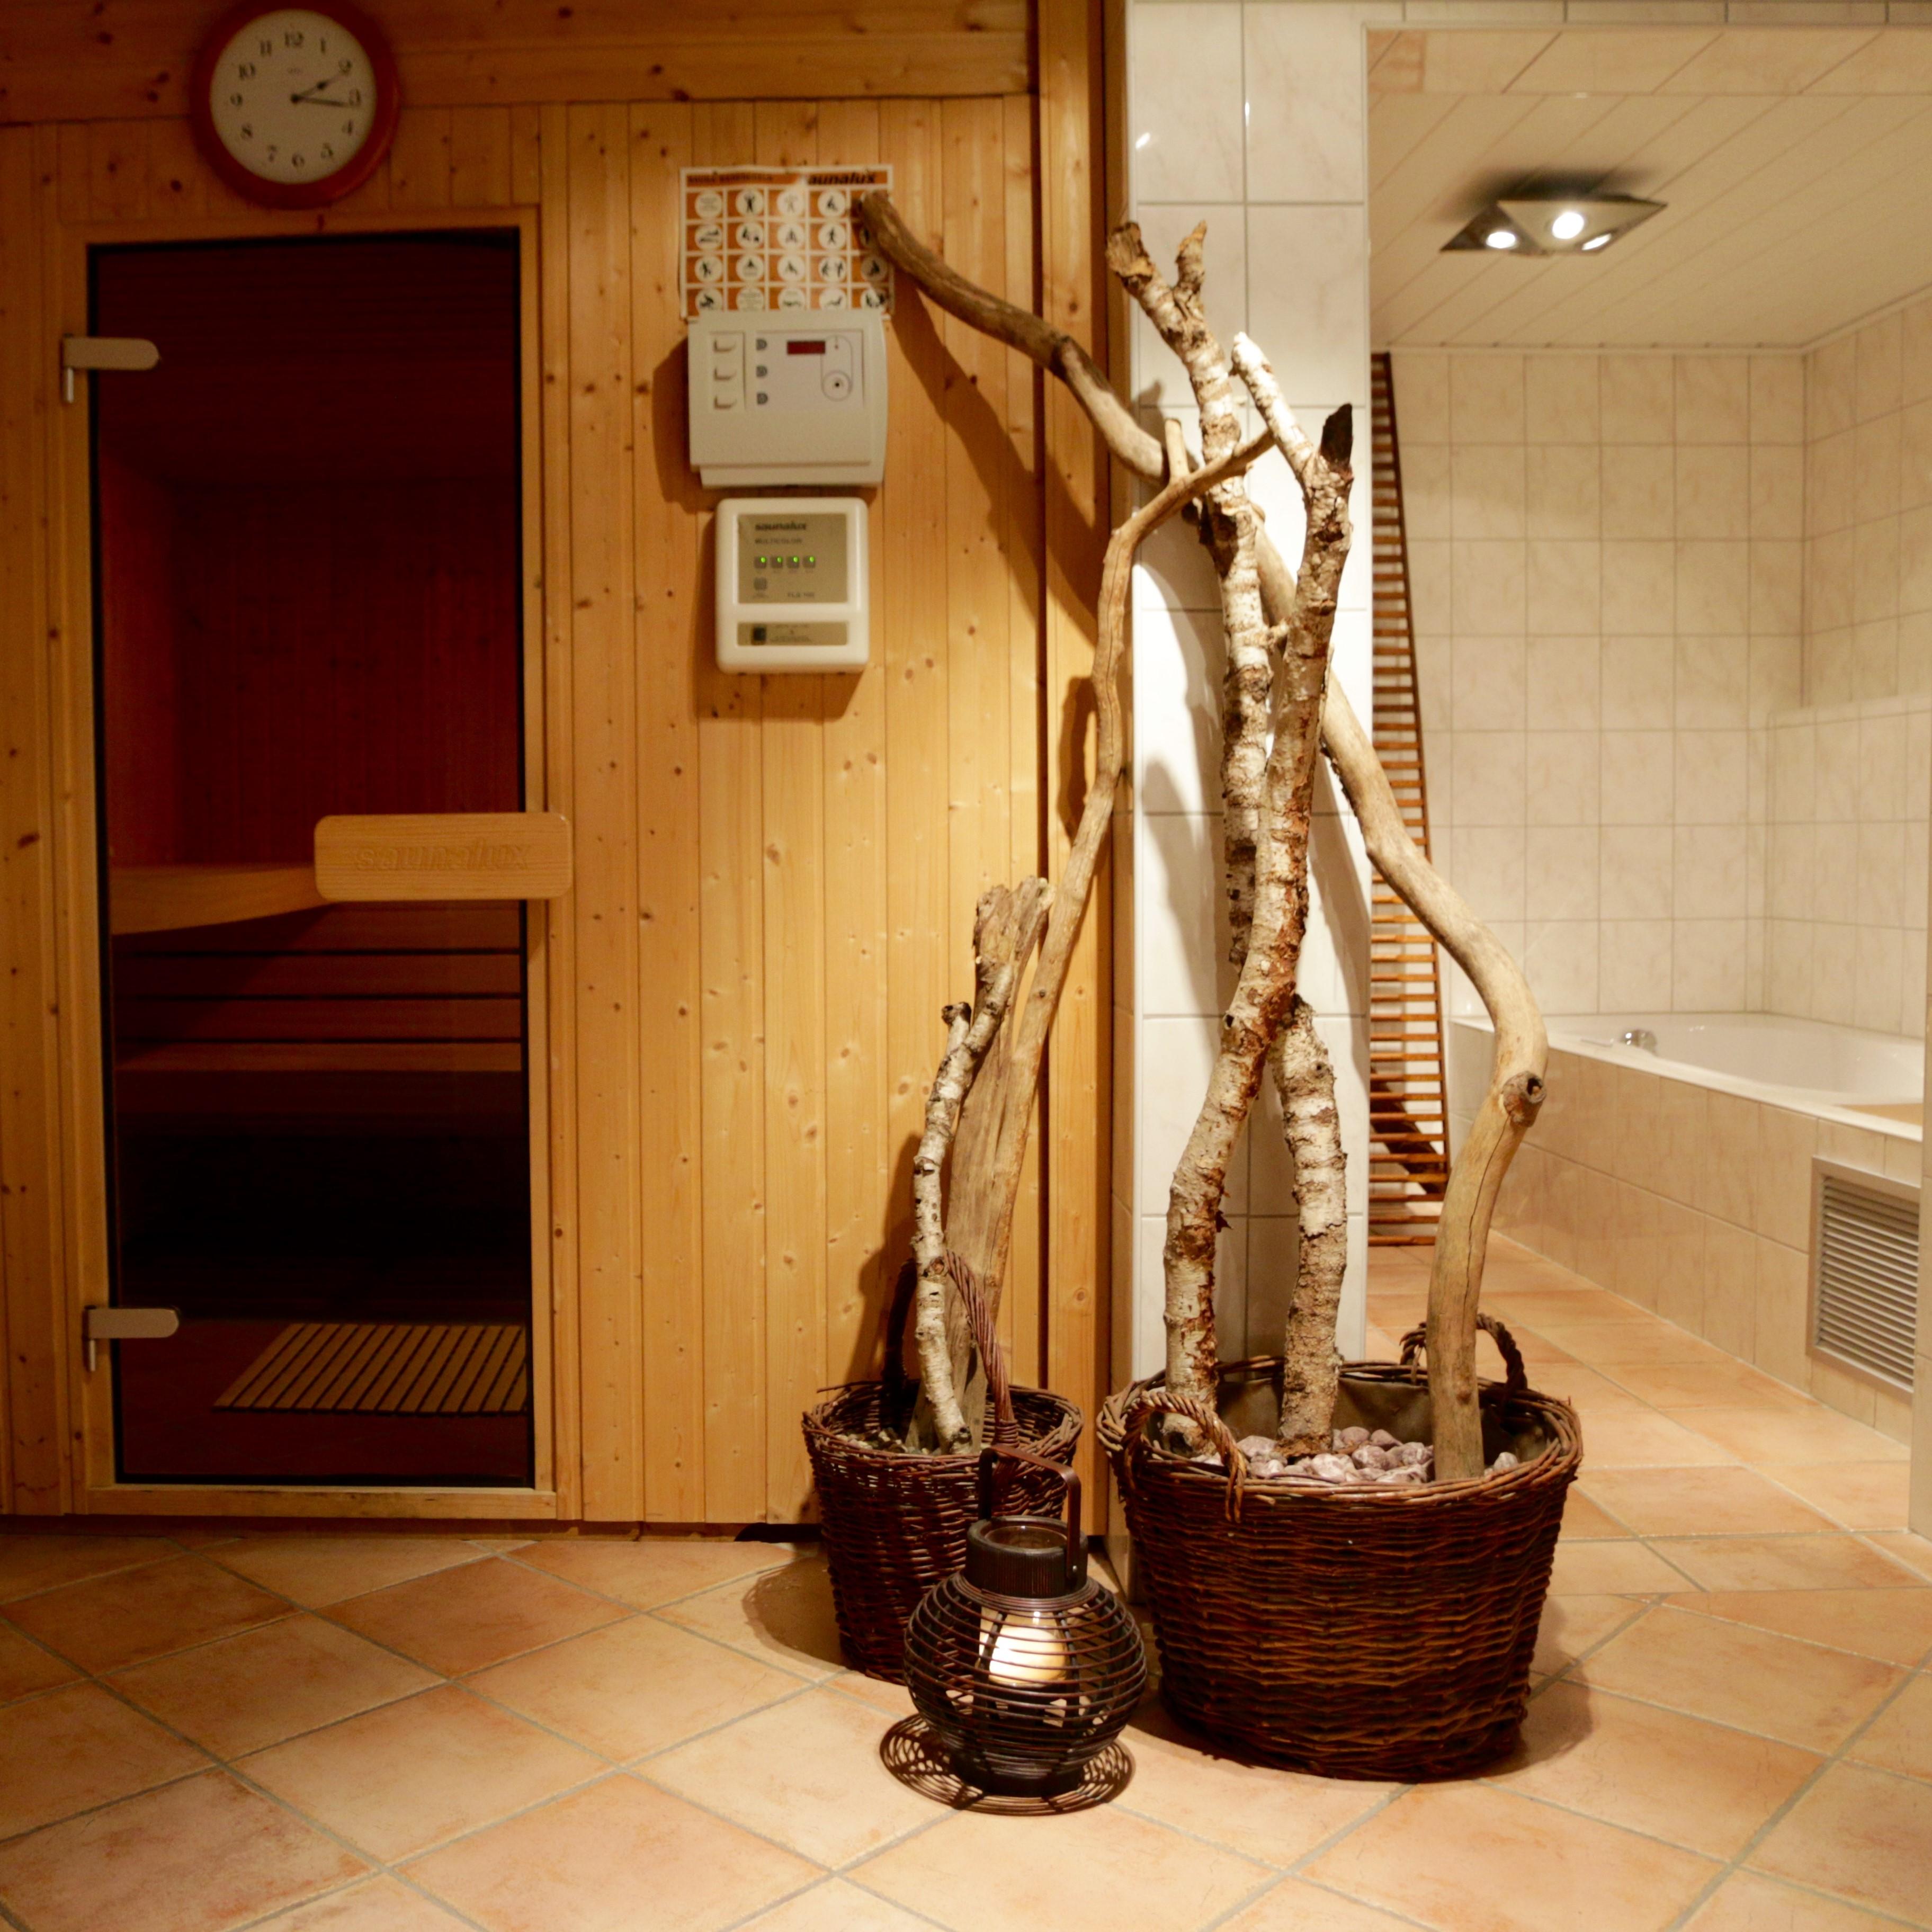 Entdecken Sie unsere hauseigene Sauna, kommen Sie zur Ruhe und tanken sie neue Kraft.